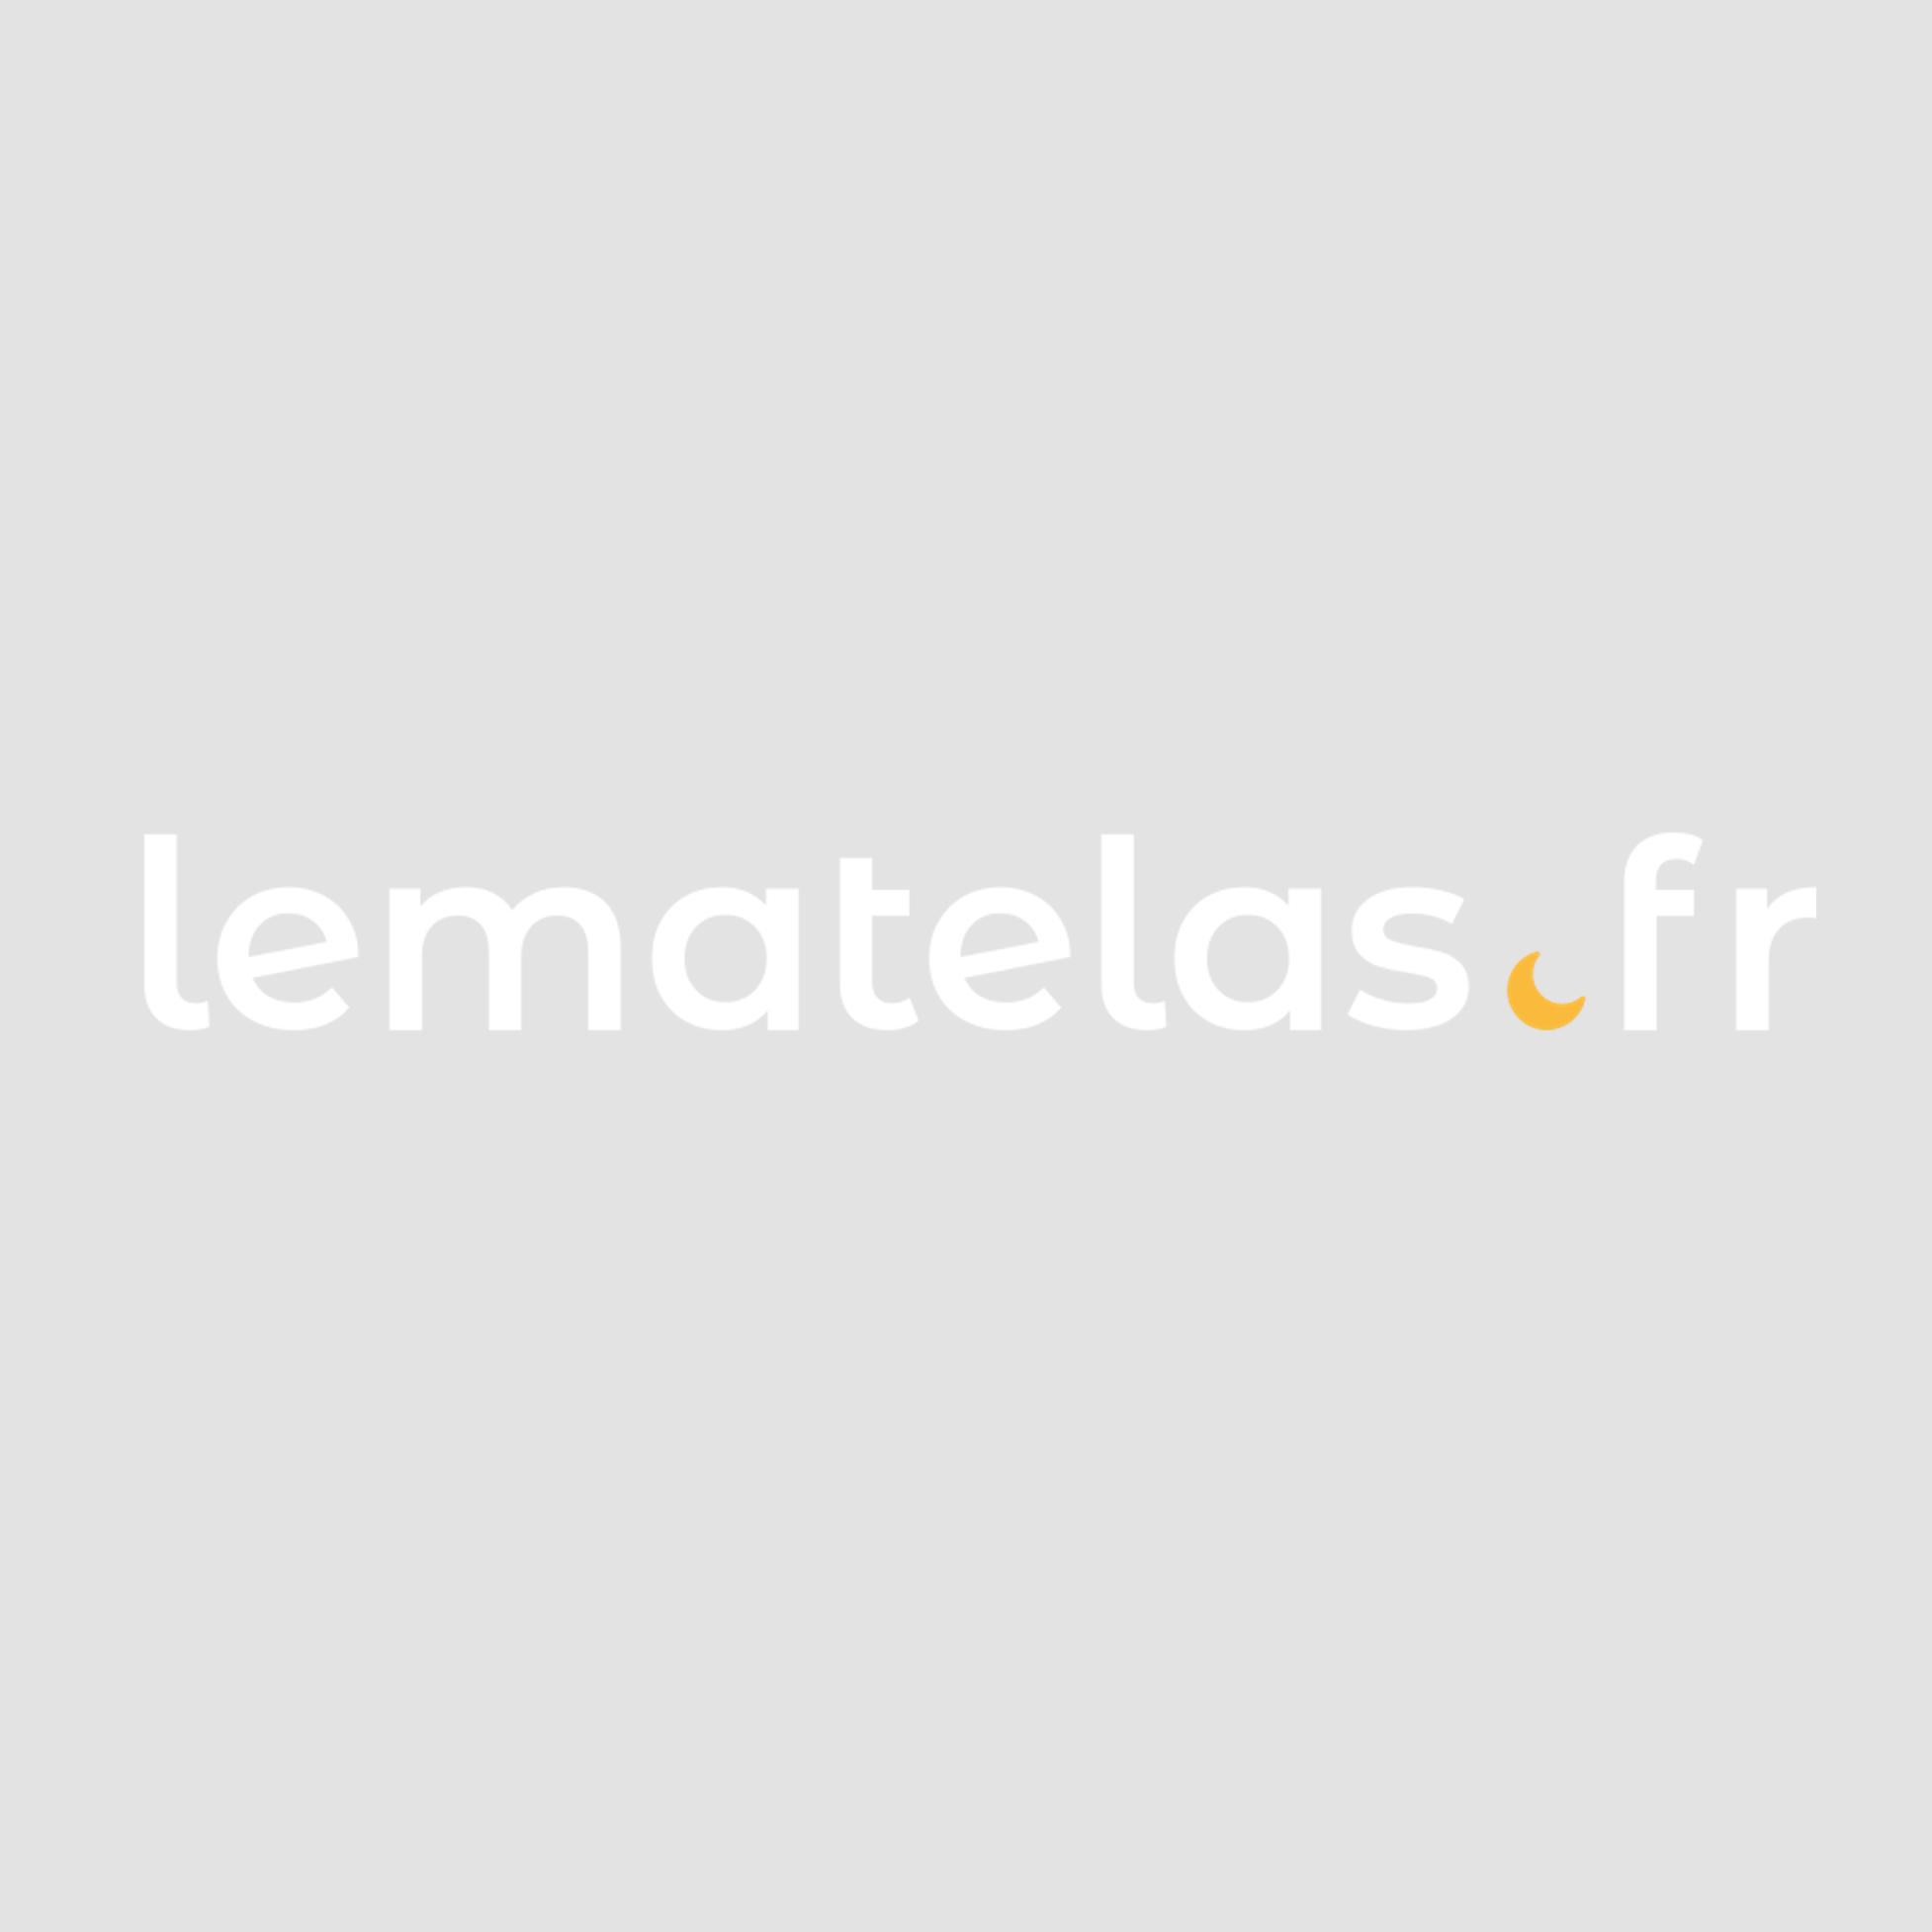 Bureau en bois noir et imitation chêne clair - BU0002